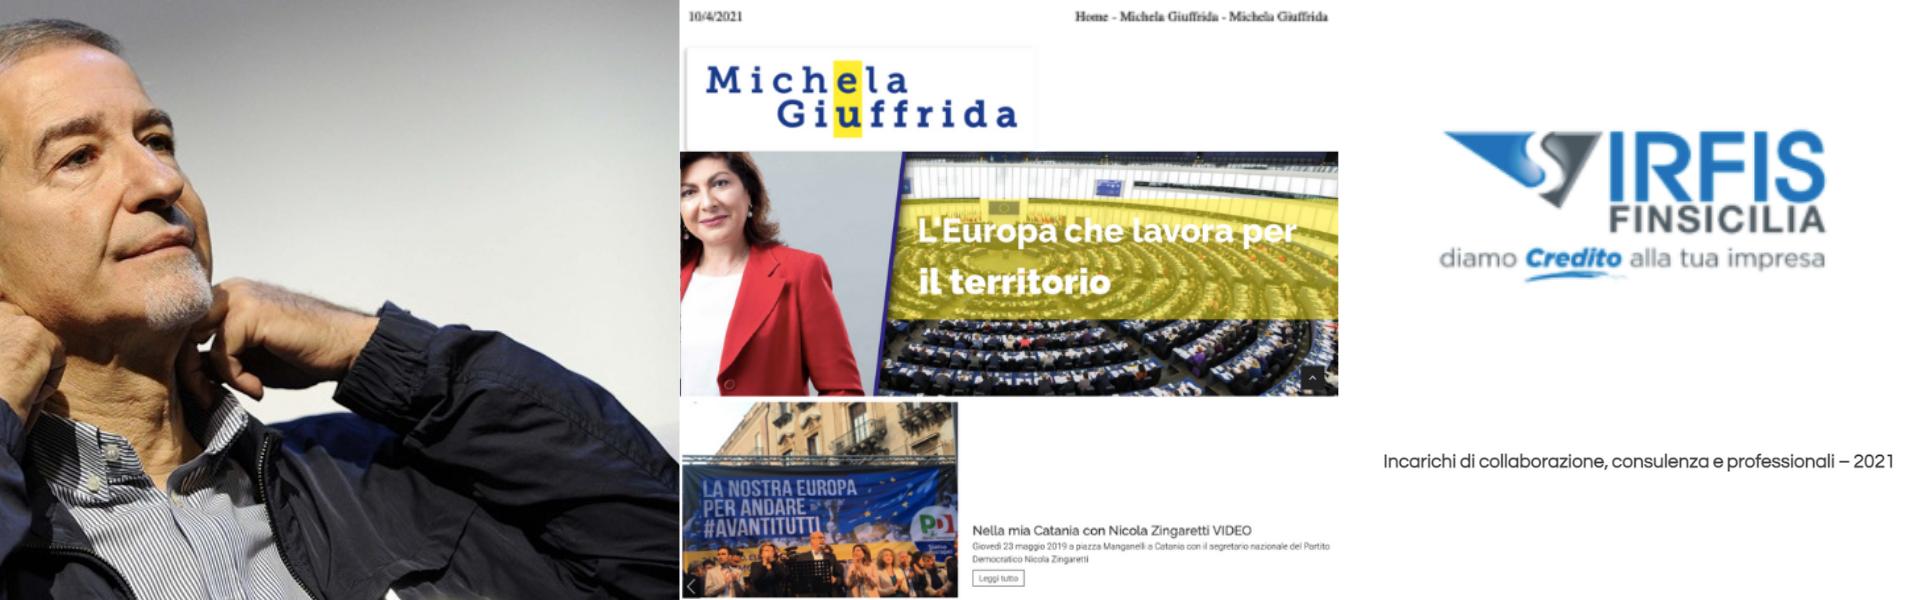 CONFERMATO: è la stessa Portavoce di Musumeci Michela Giuffrida a risultare anche consulente dell'IRFIS